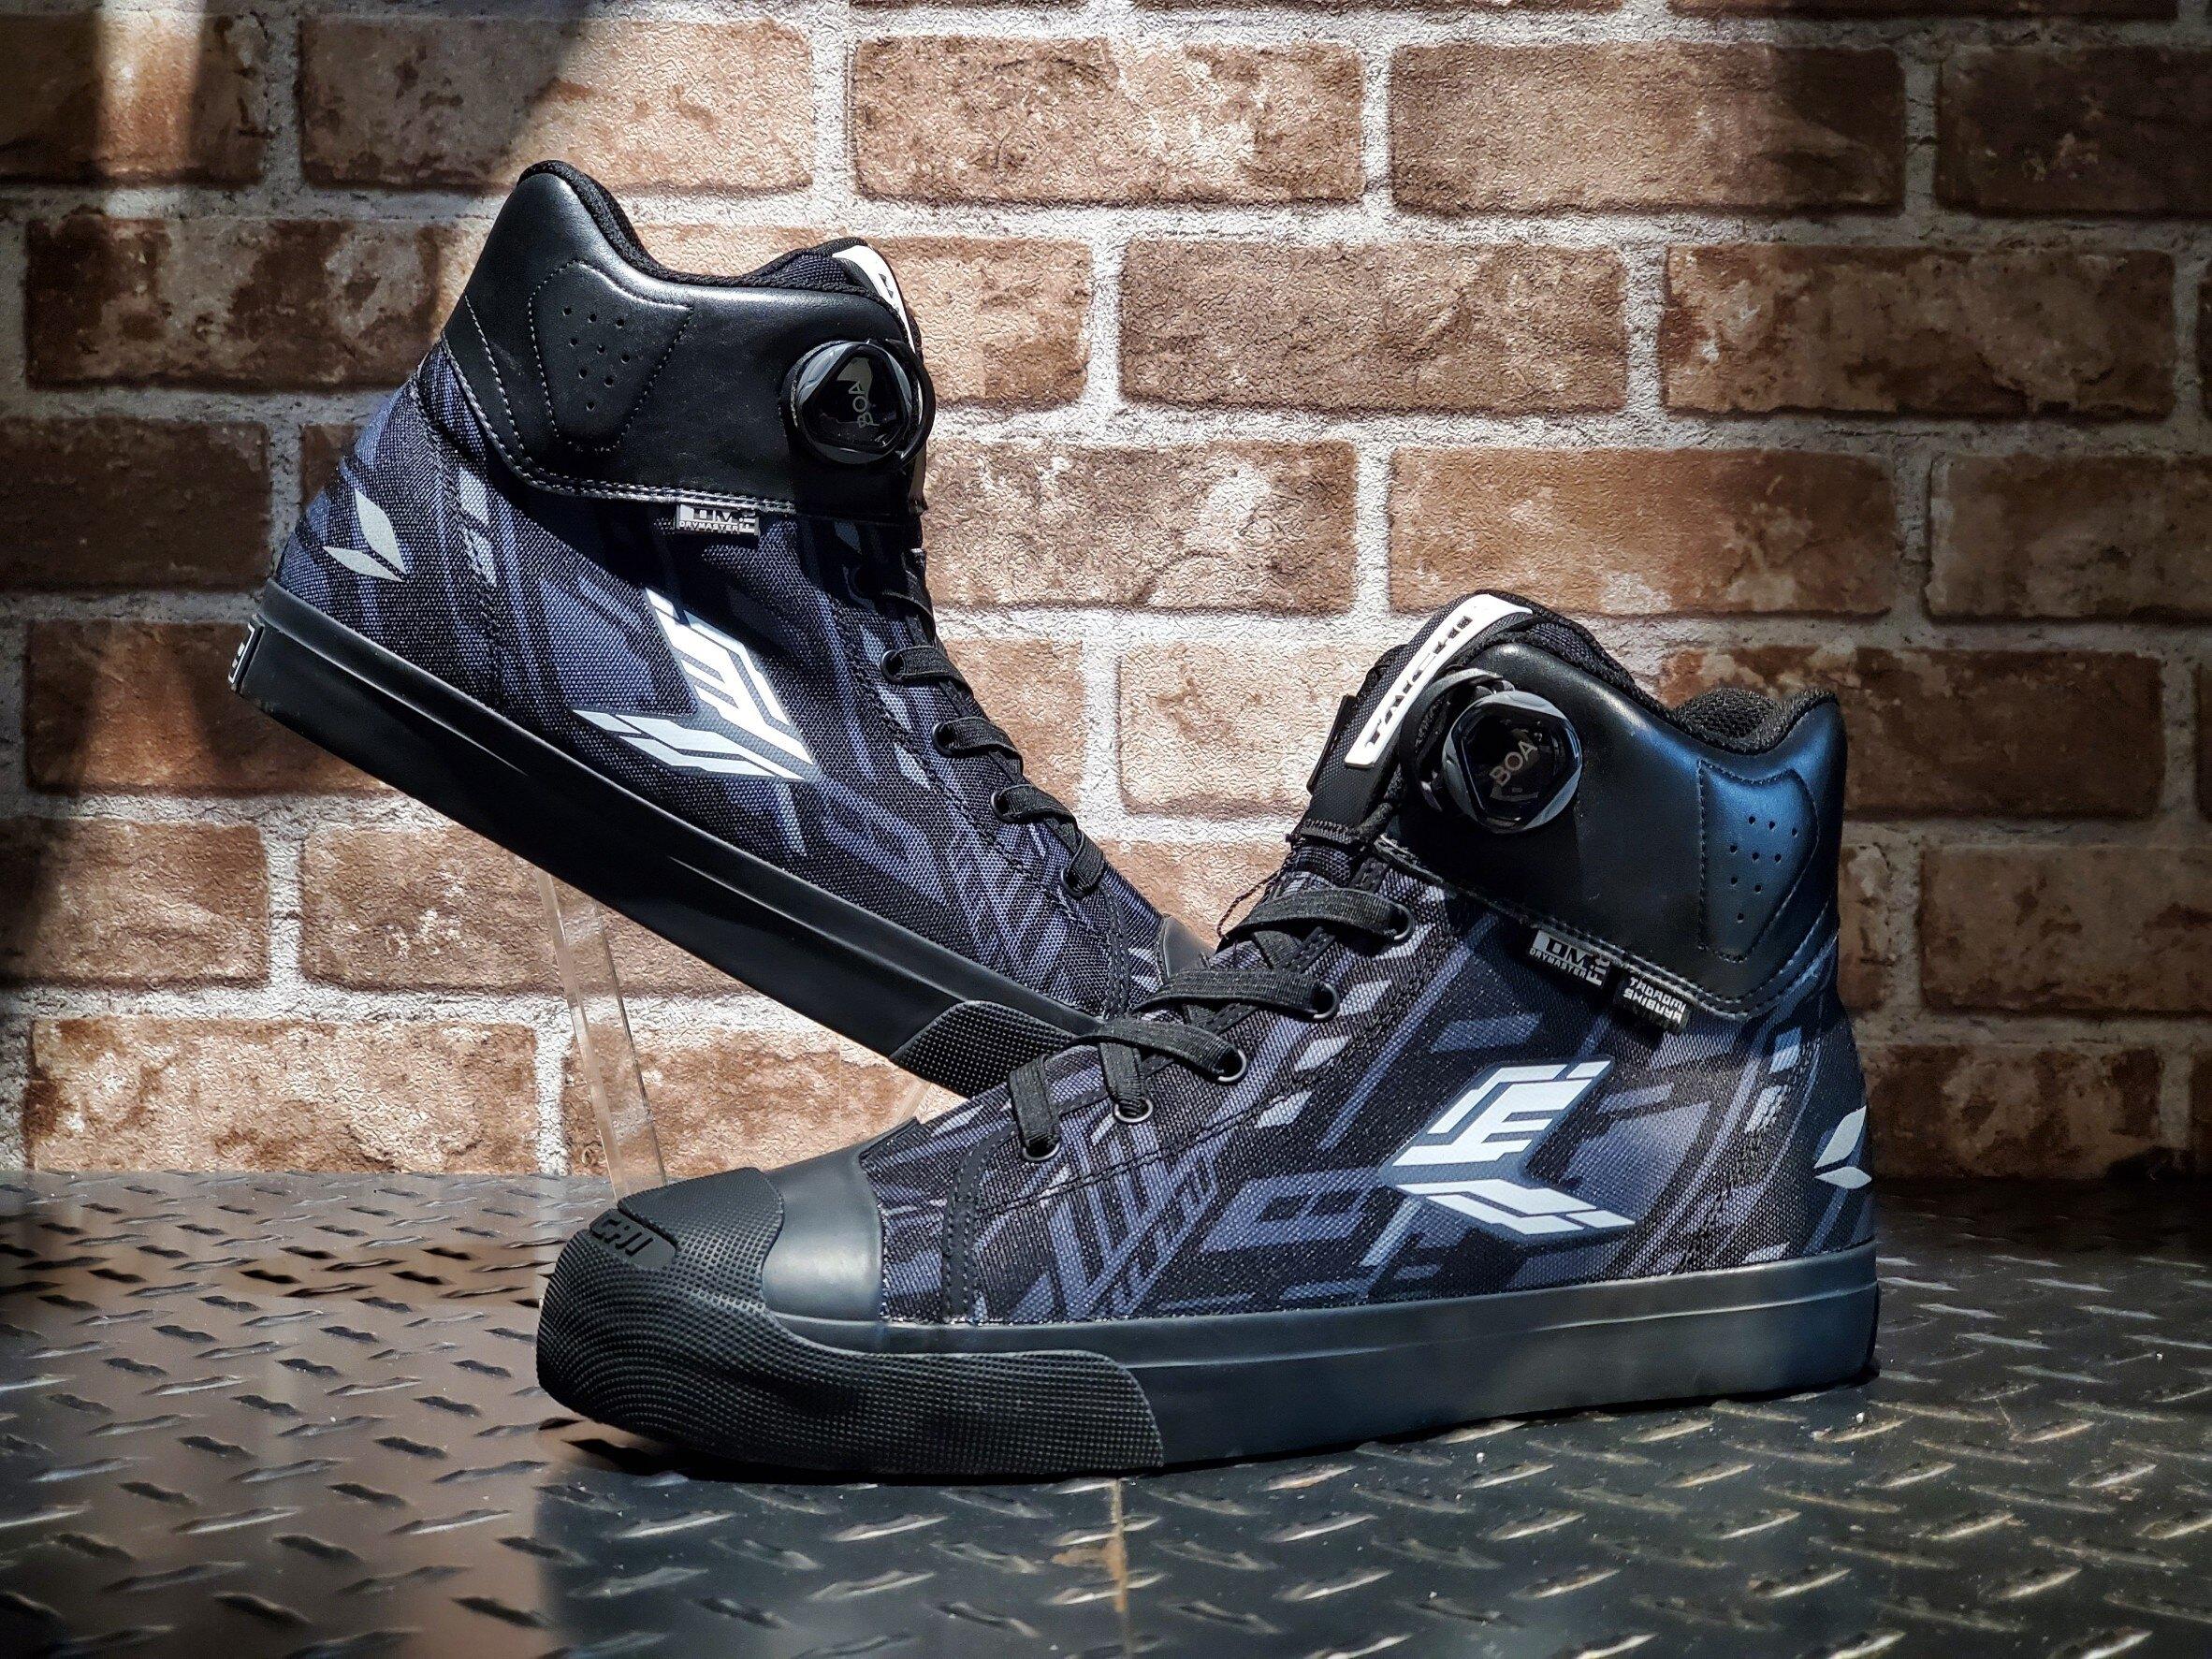 任我行騎士部品 RS TAICHI RSS011 東京聯合系列 SHIBUYA BLACK 澀谷忠臣聯名 透氣防水 車靴 太極